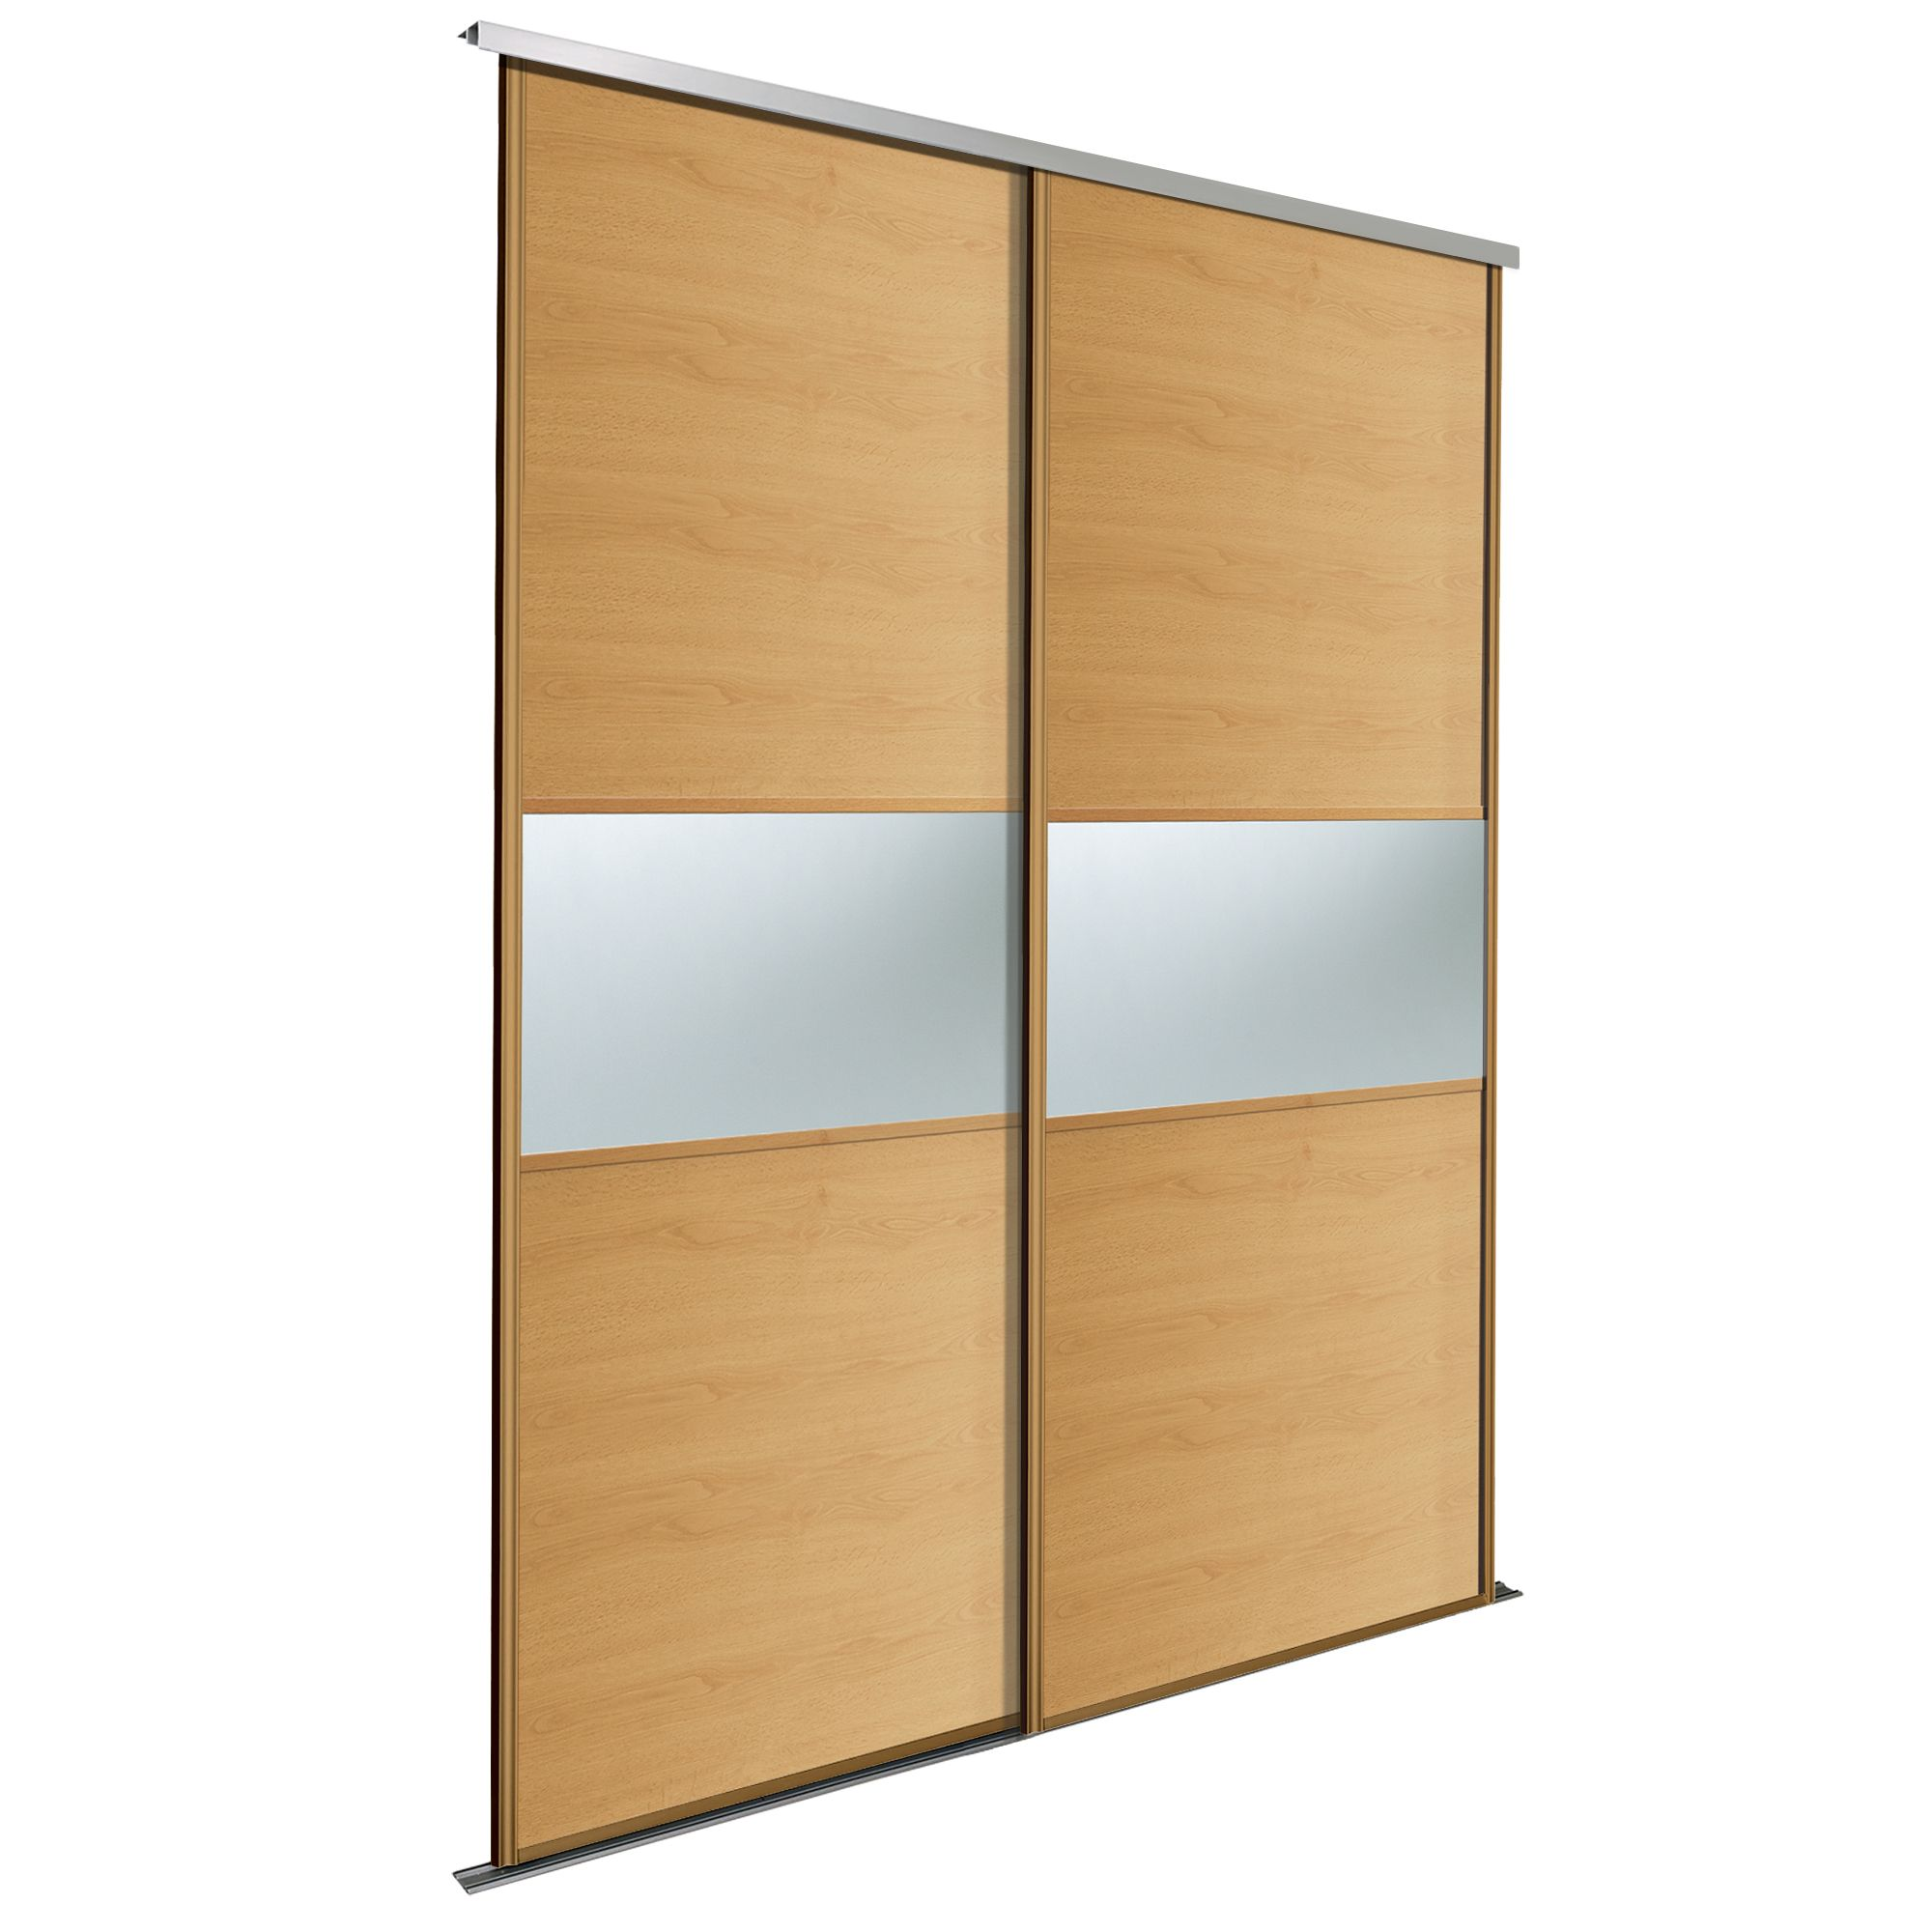 Fineline Oak Effect Sliding Wardrobe Door Kit (h)2220 Mm (w)914 Mm, Pack Of 2